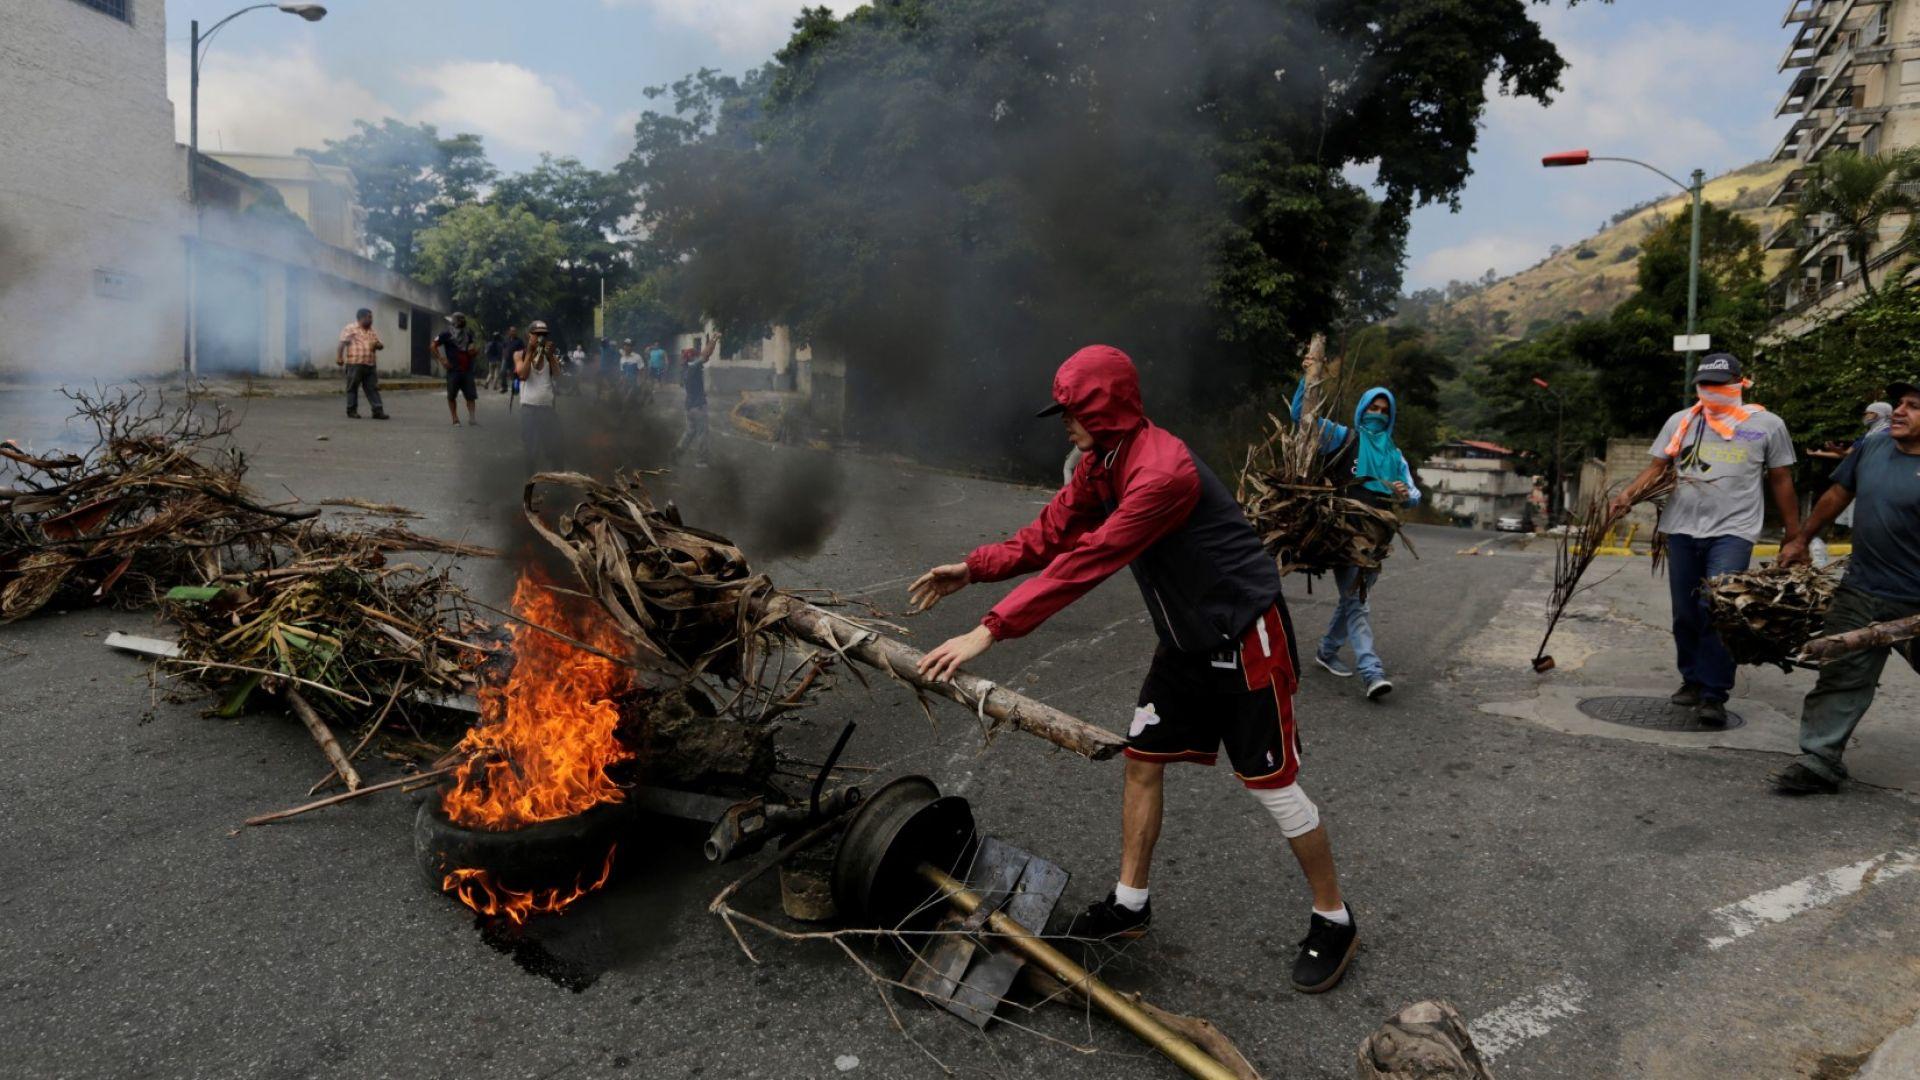 САЩ пращат хуманитарна помощ във Венецуела